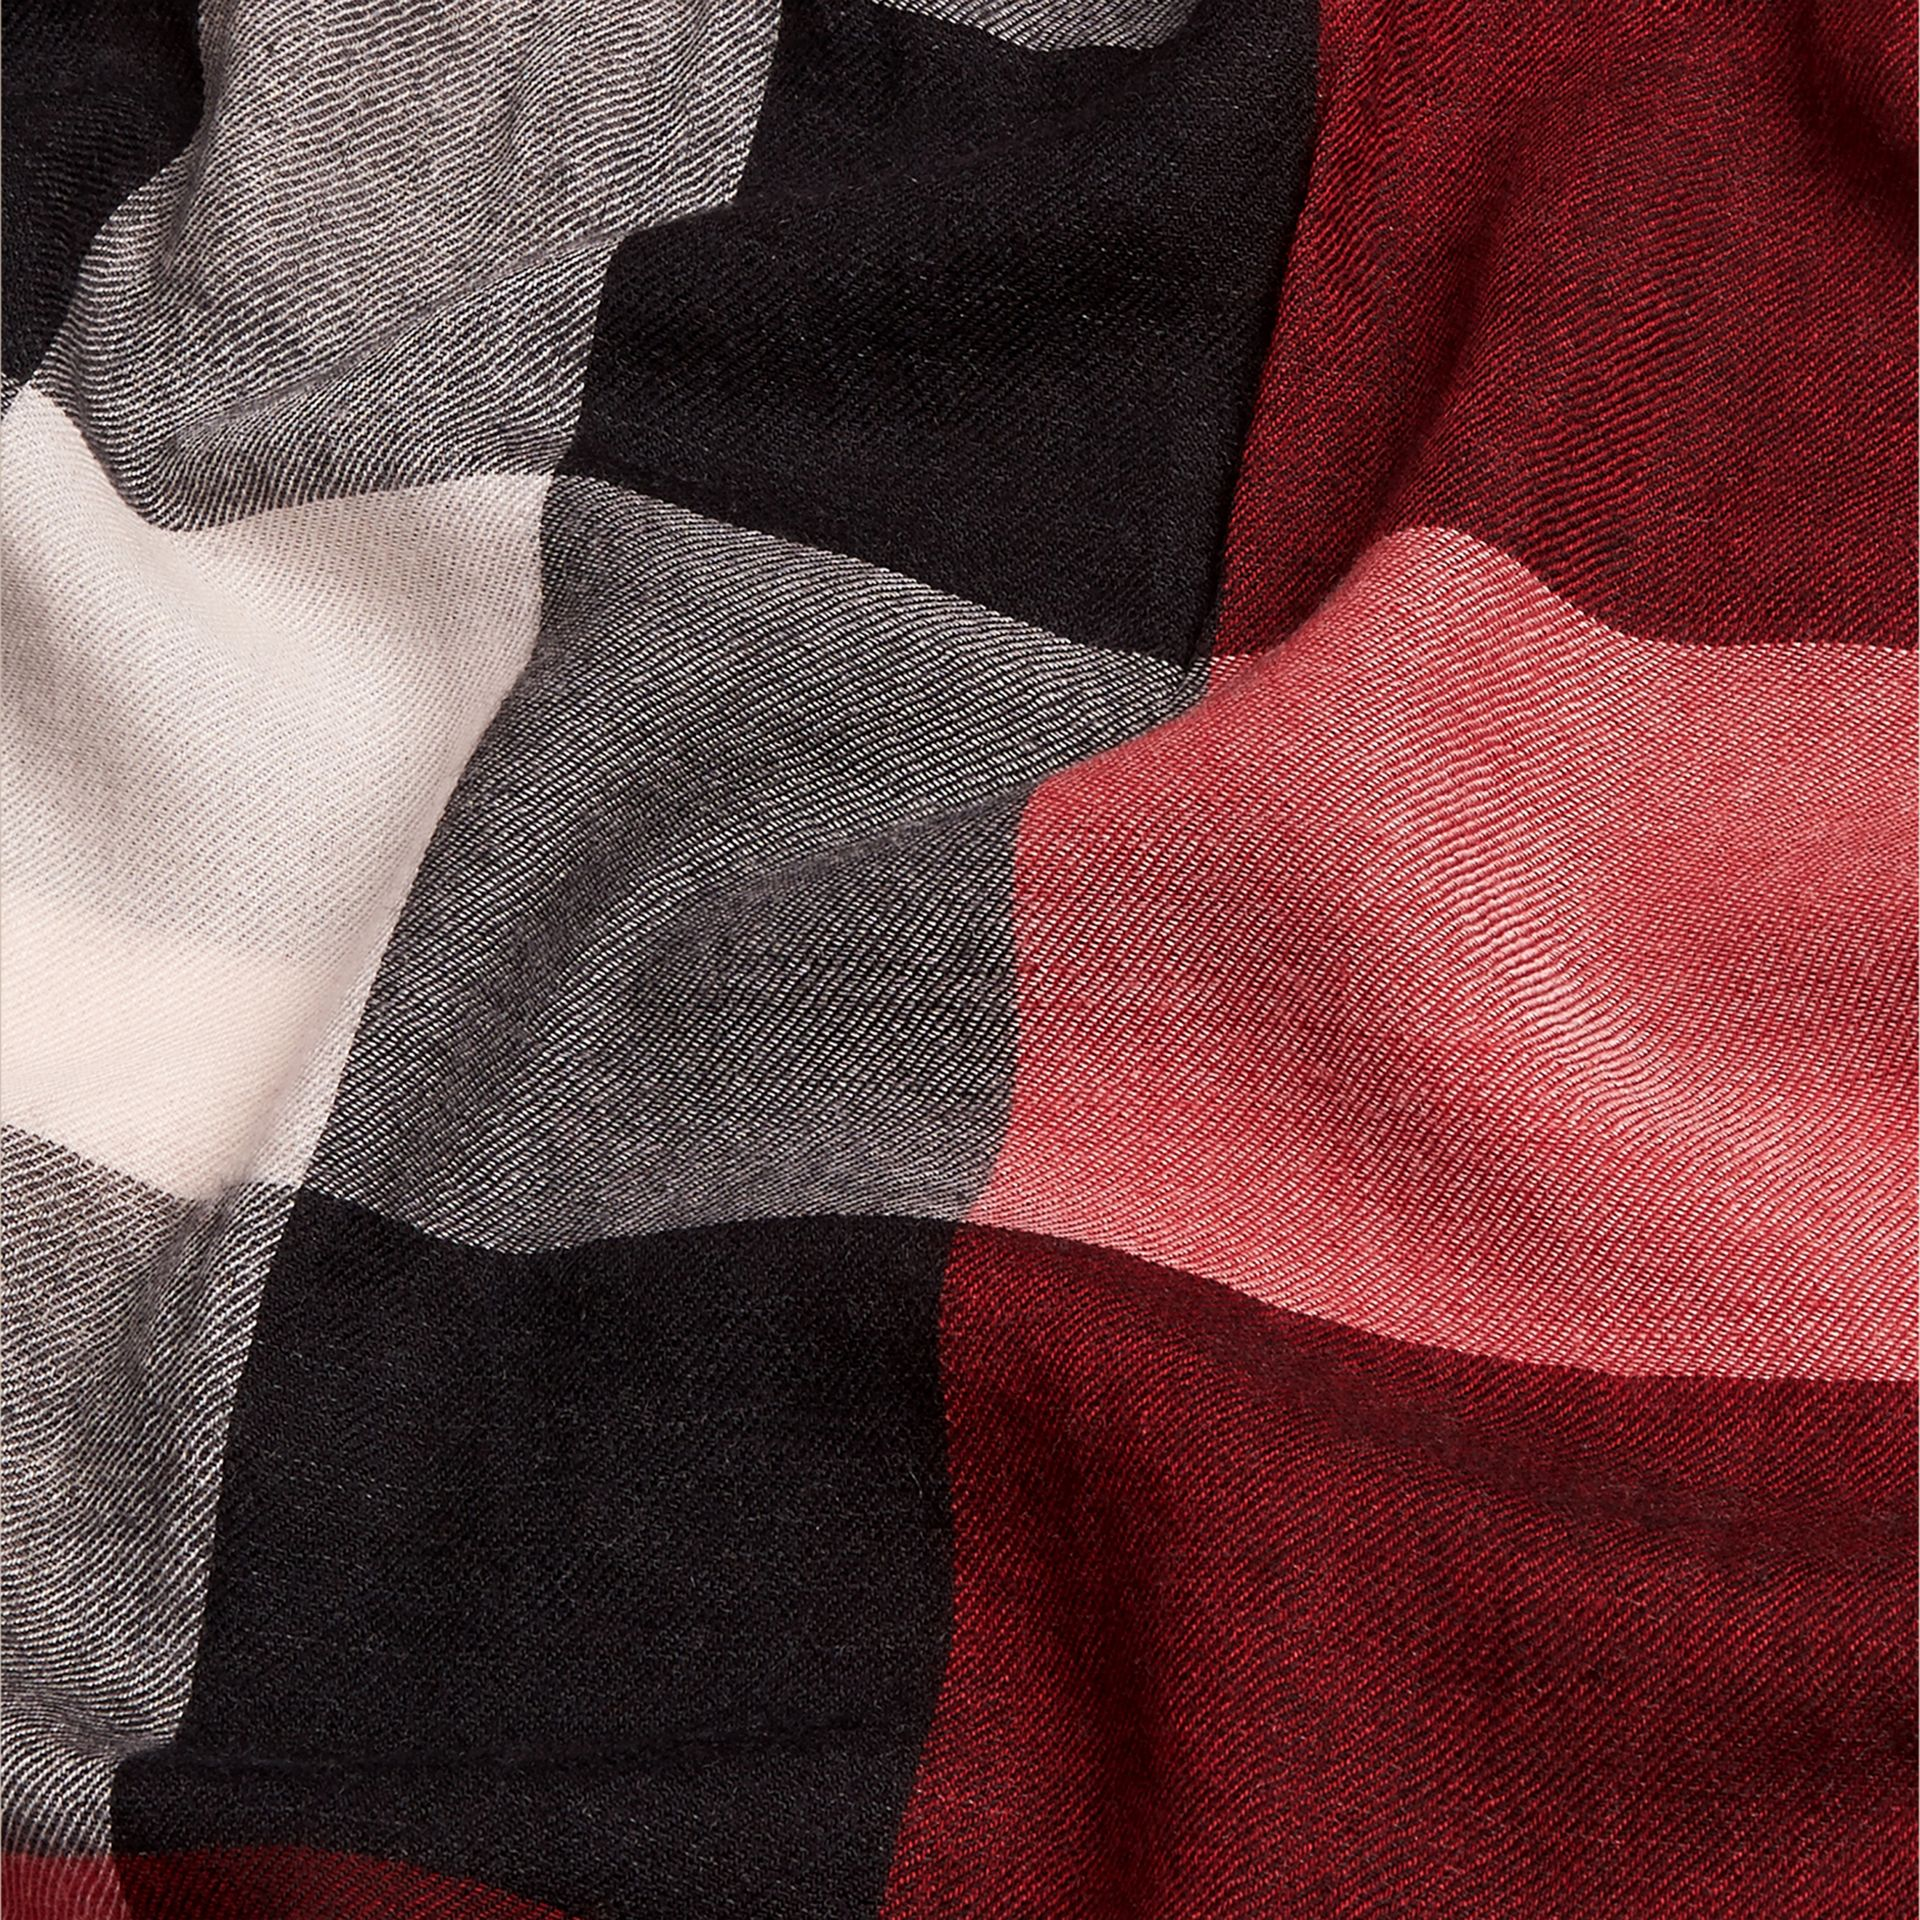 Rosso parata Sciarpa leggera in cashmere con motivo check Rosso Parata - immagine della galleria 5